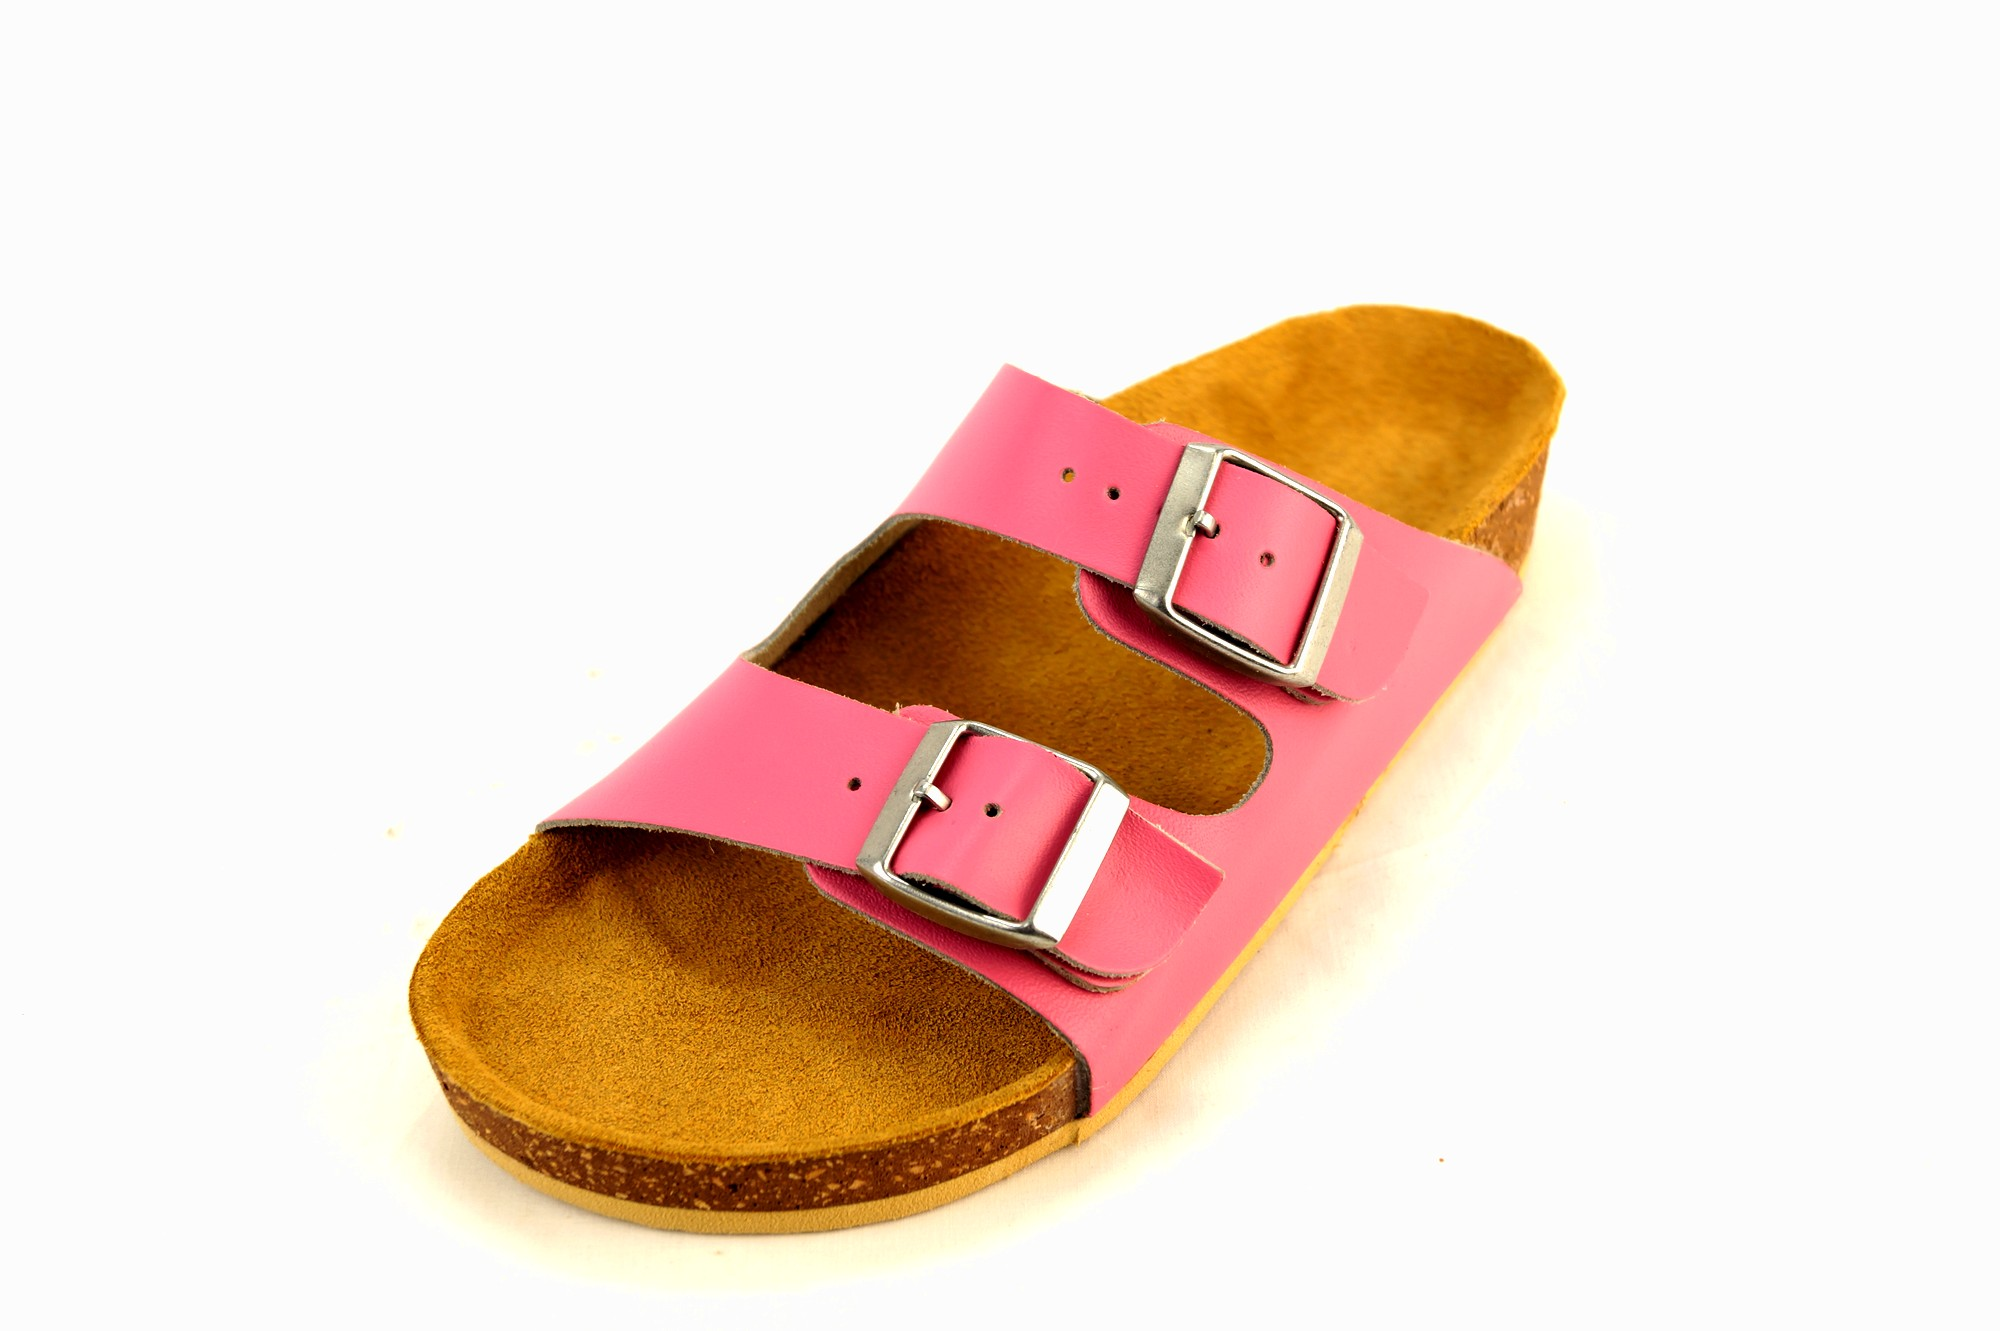 Купить обувь Экоортос Вы можете в нашем интернет магазине. Анатомическая ... 899c0fd009a